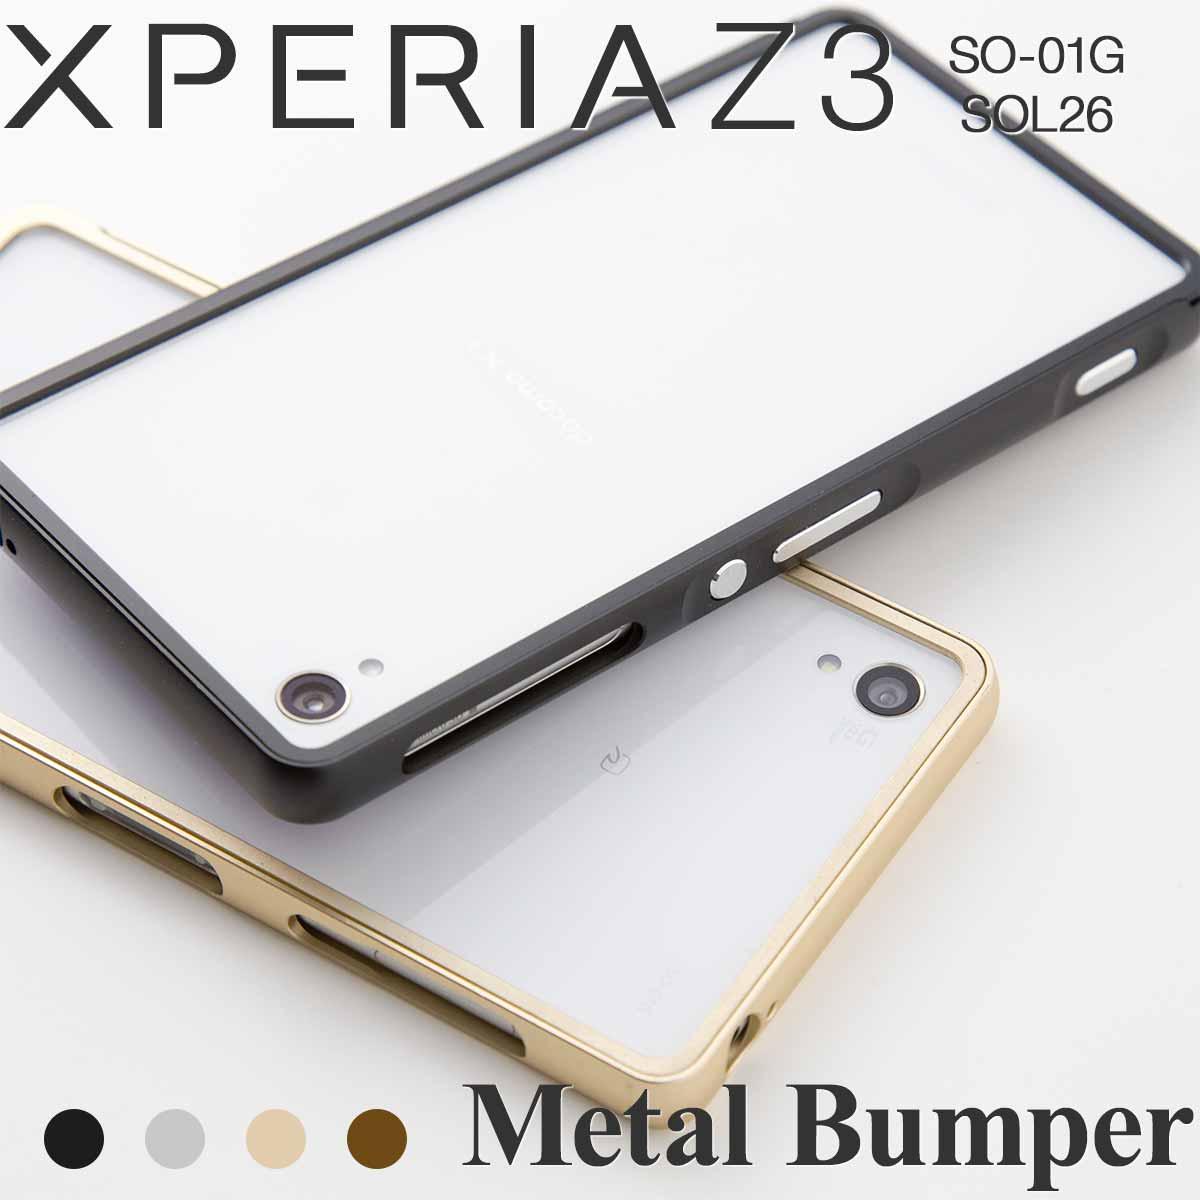 エクスペリアZ3 XperiaZ3 SOL26 SO-01G アルミ メタル バンパー 側面 | スマホ ケース スマホ カバー エクスペリア Xperia Z3 バンパーケース スマホカバー 送料無料 ハード ハードケース 携帯ケース スマフォケース 携帯カバー ケータイケース アンドロイド ハードカバー